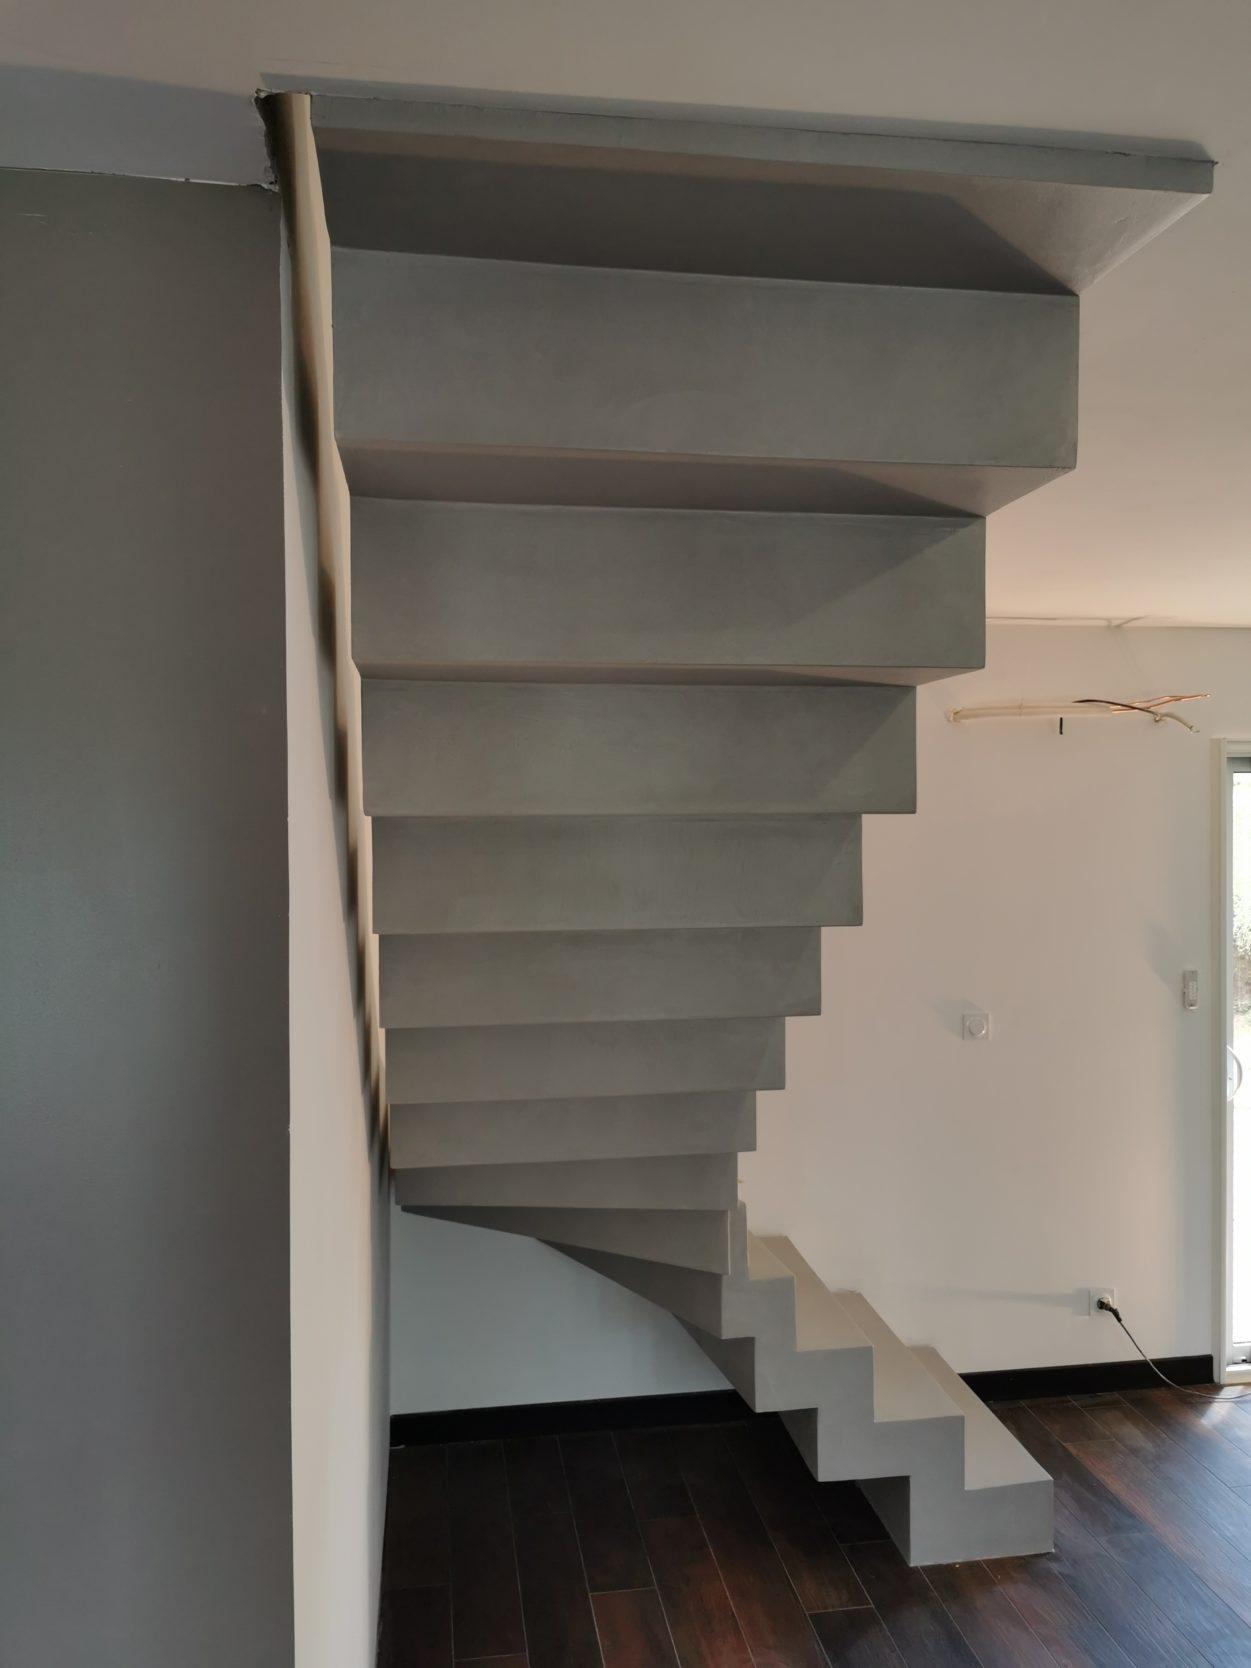 Mur Couleur Gris Beton sublime escalier crémaillère décollé du mur en béton ciré